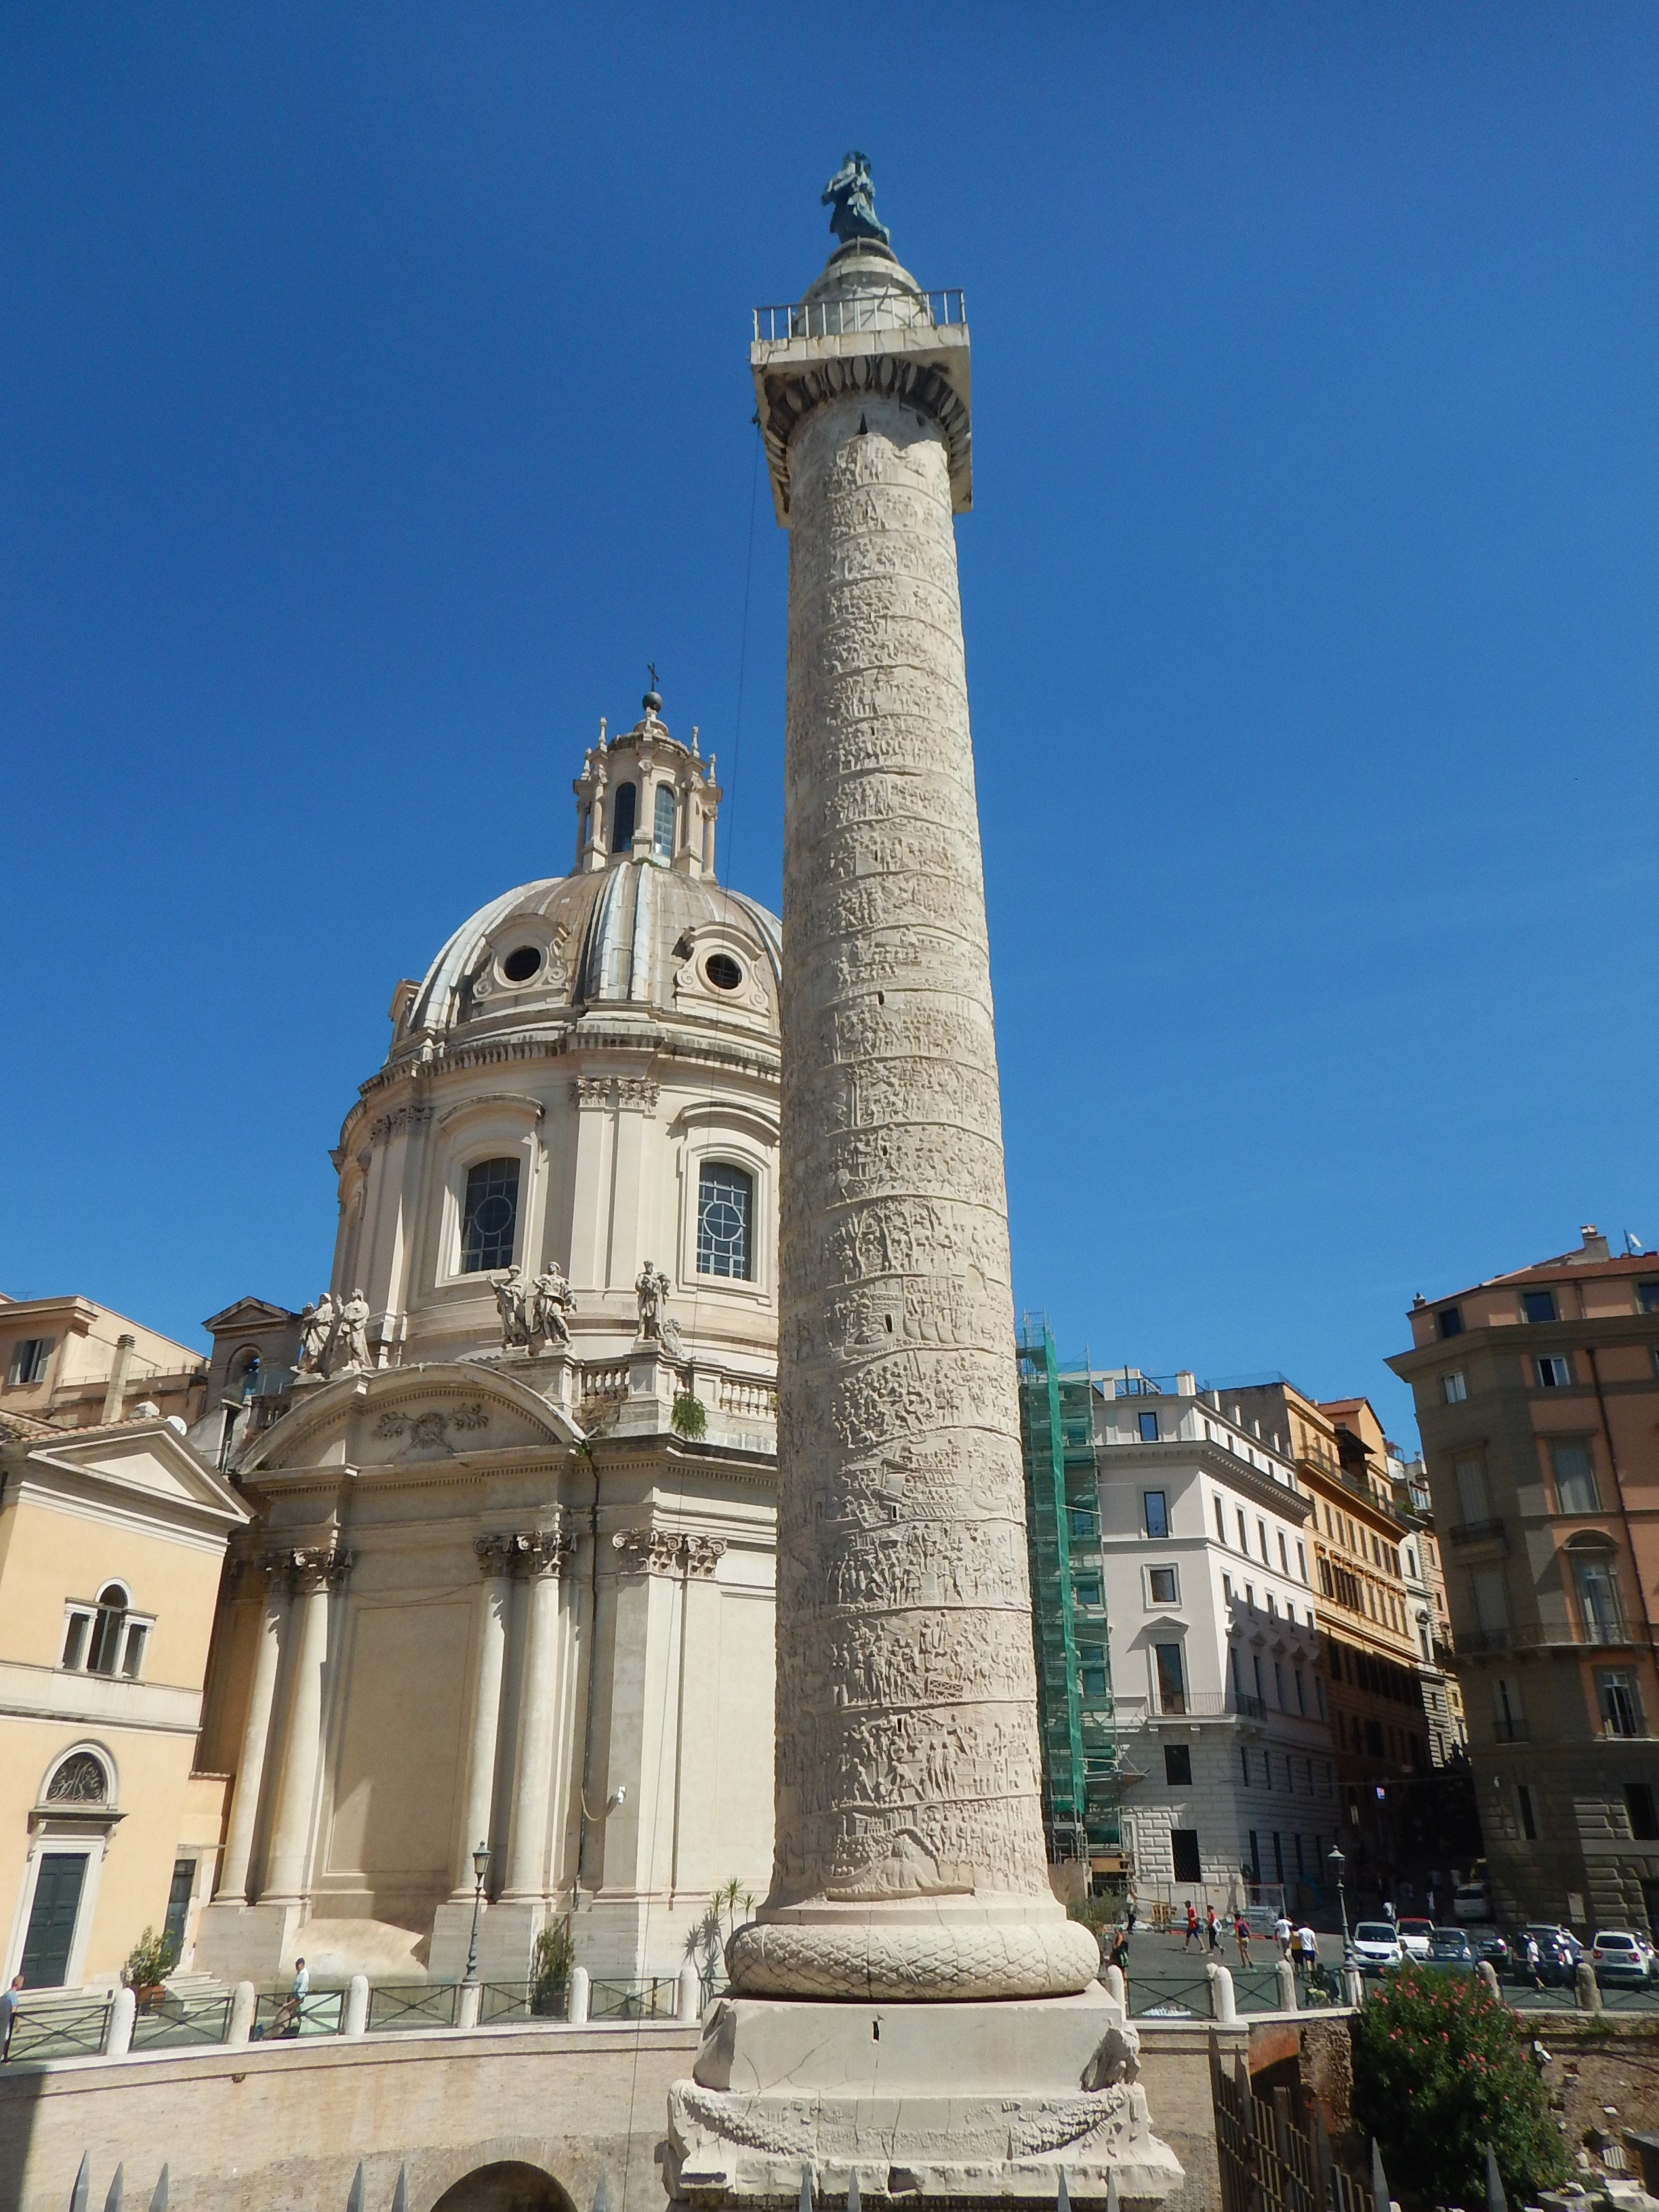 Colonna Traiana and Church of Madonna dI Loretto